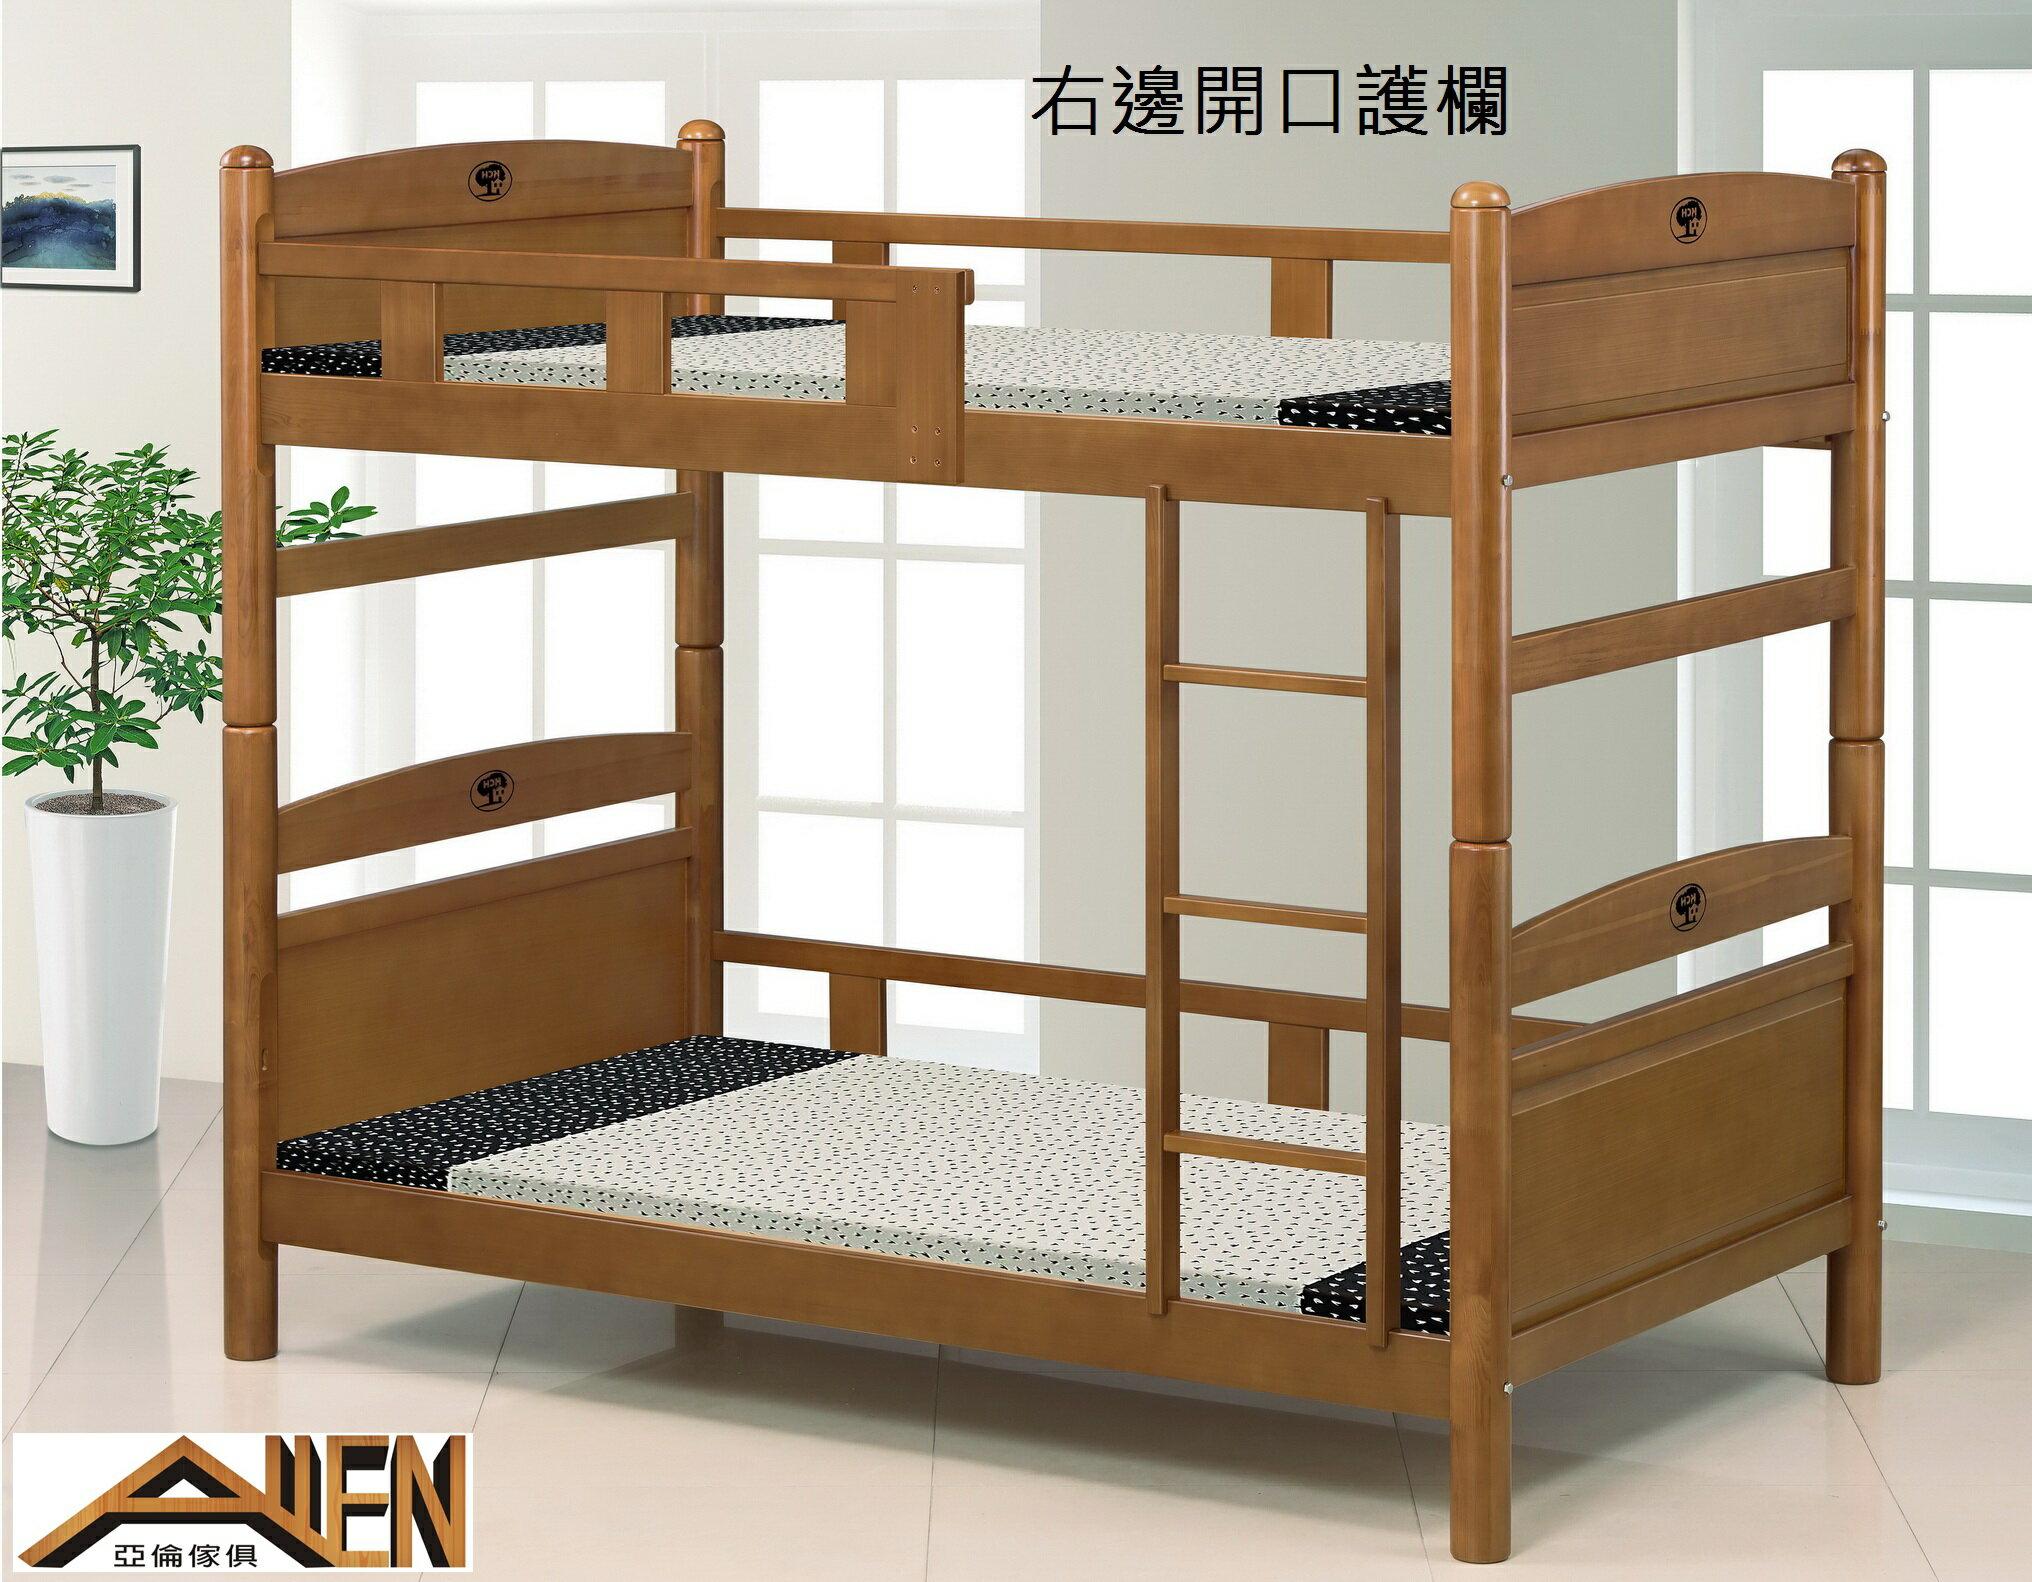 亞倫傢俱*派拉克南洋檜木實木雙層床架